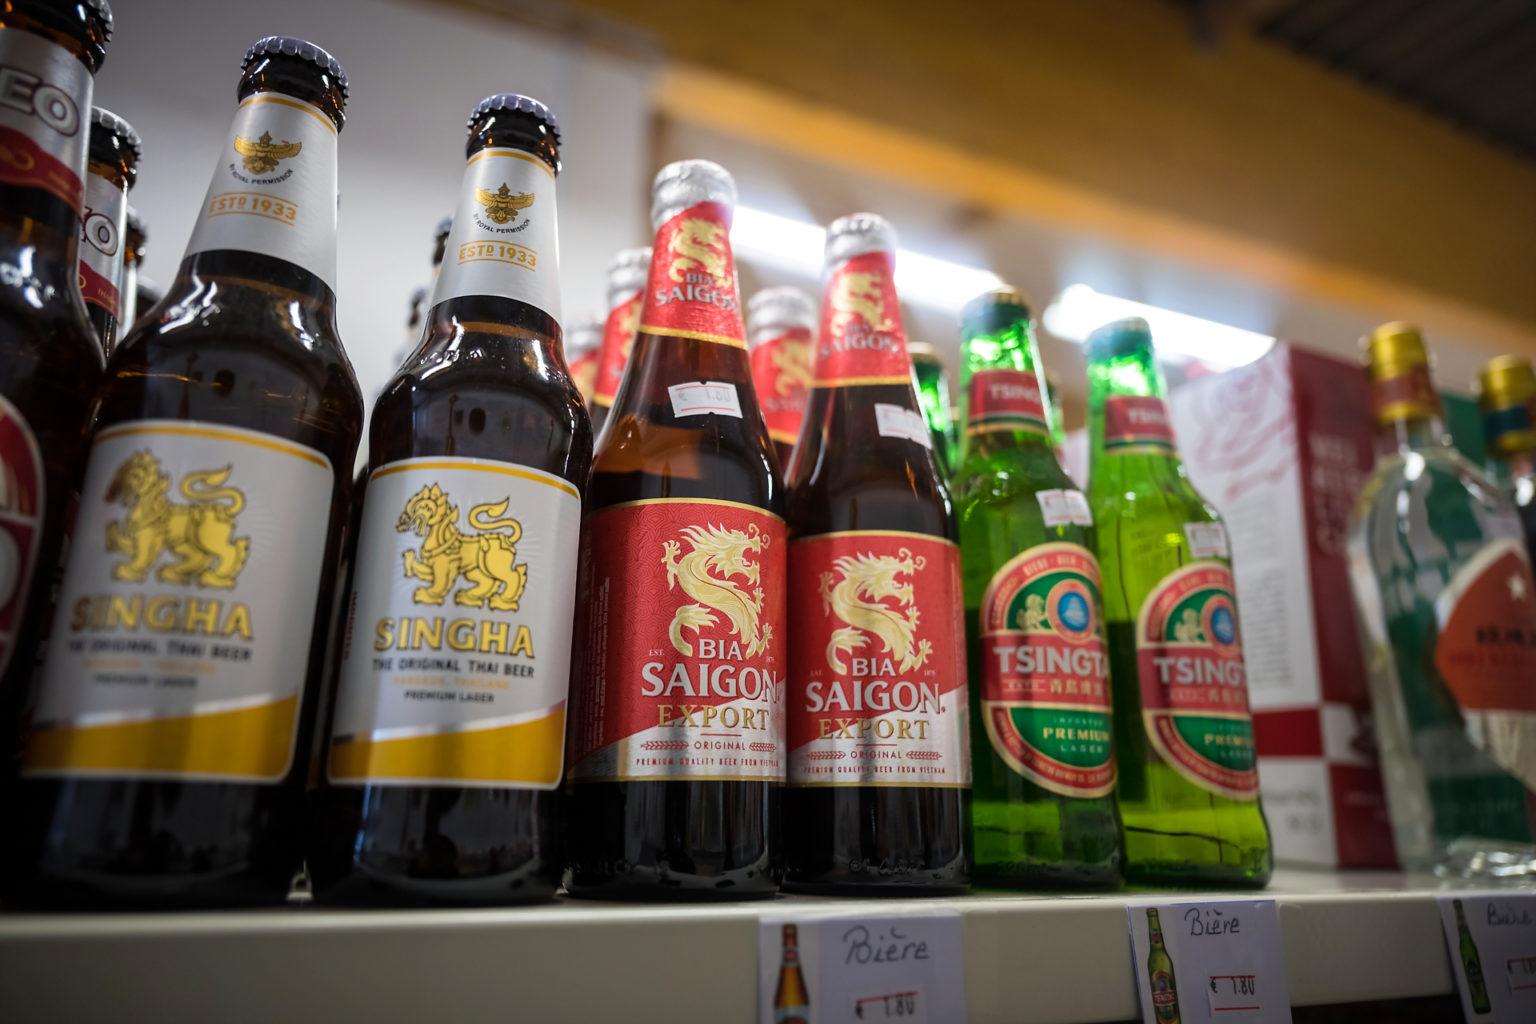 Bière Saïgon, un des produits phares importés par South Export Alliance